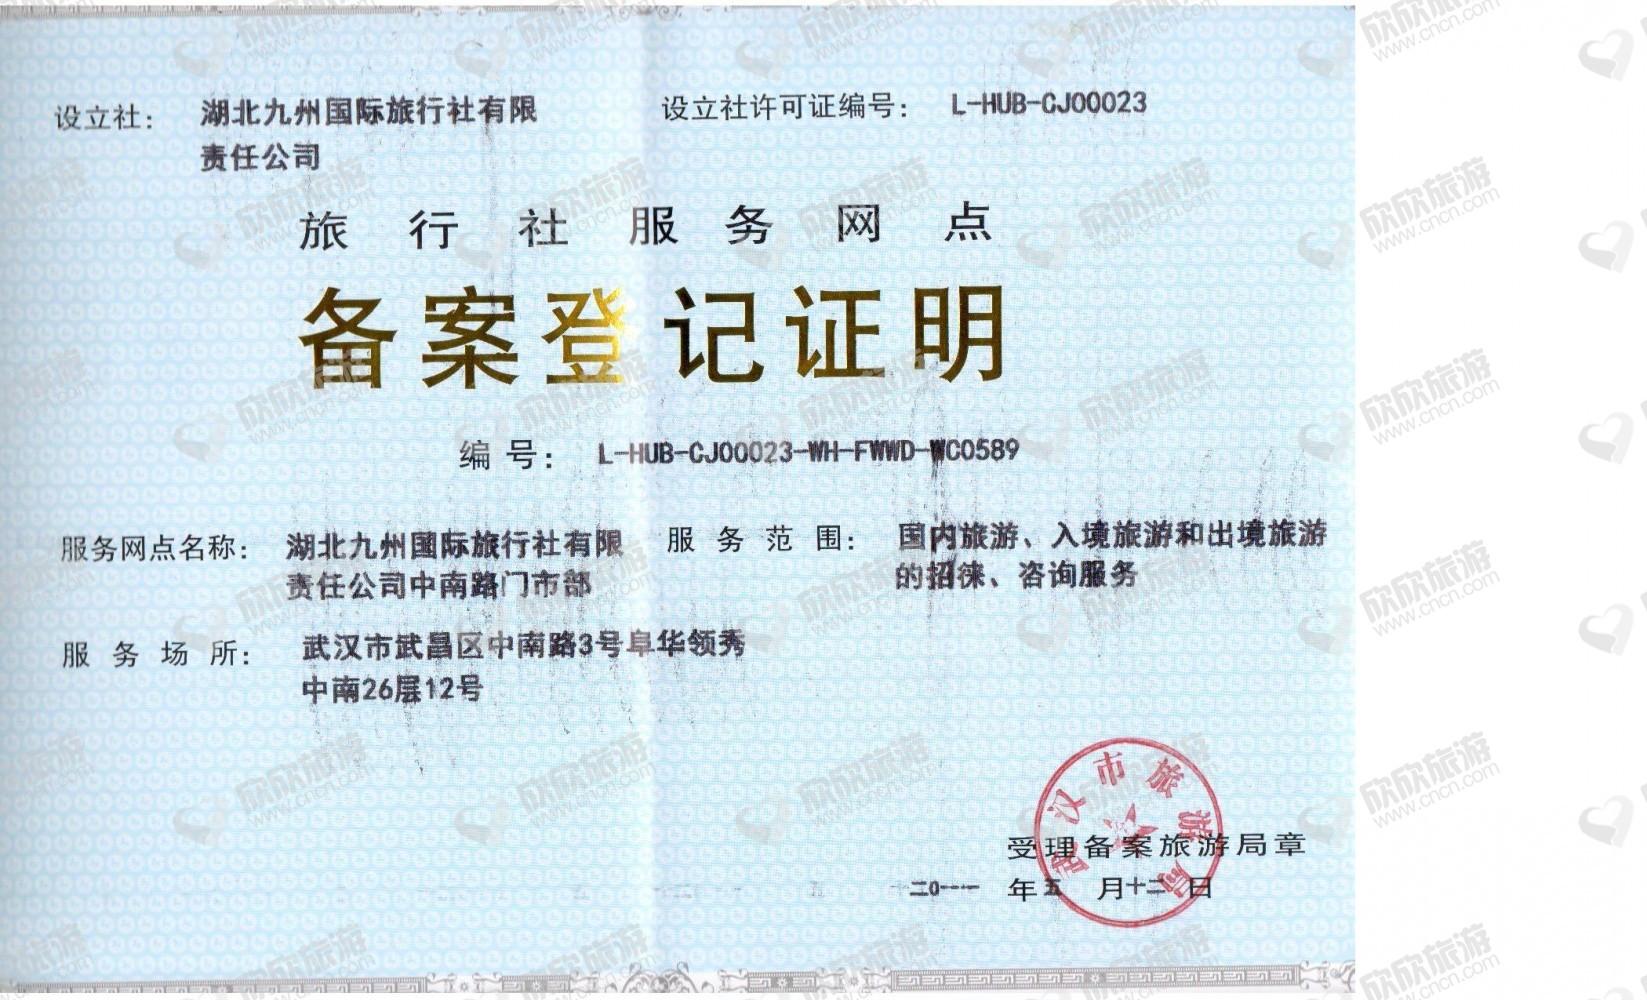 湖北九州国际旅行社有限责任公司中南路门市部经营许可证